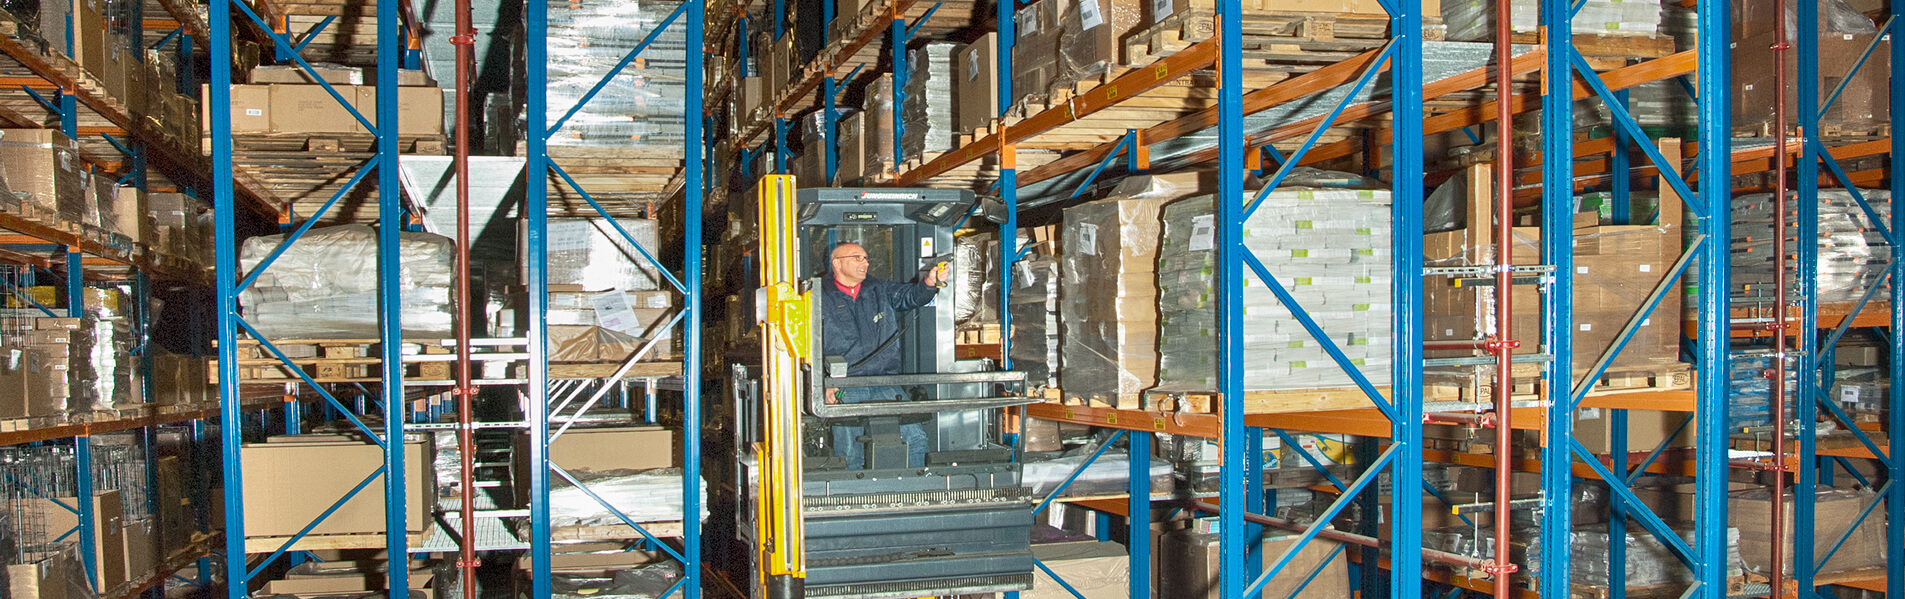 warehouse-opslag-smallegangen-truck